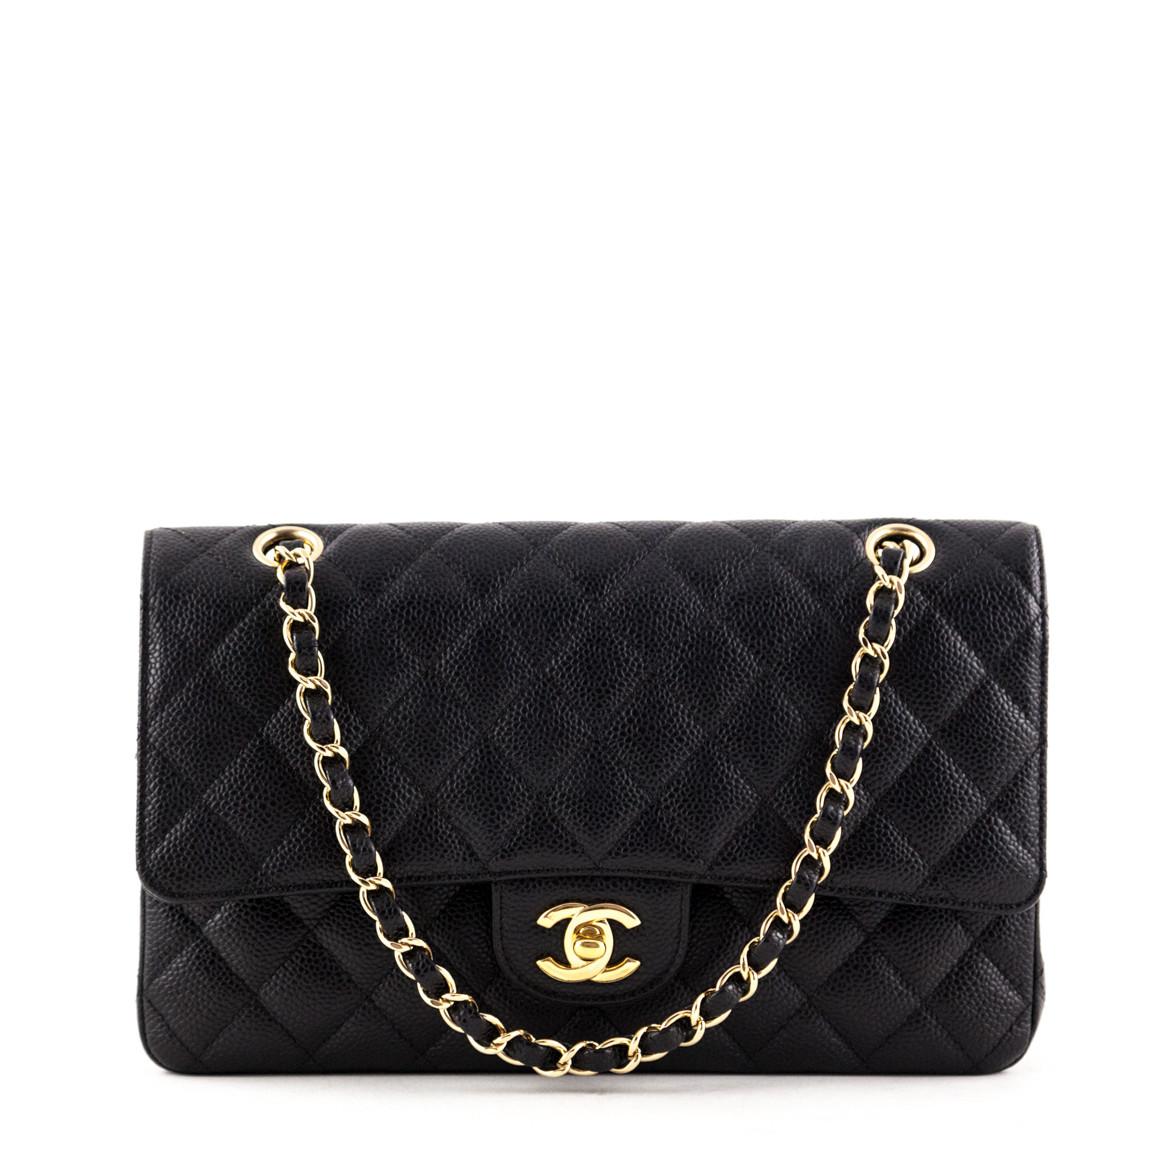 Chanel_Black_Caviar_Medium_Flap_Bag_GHW-1.jpg